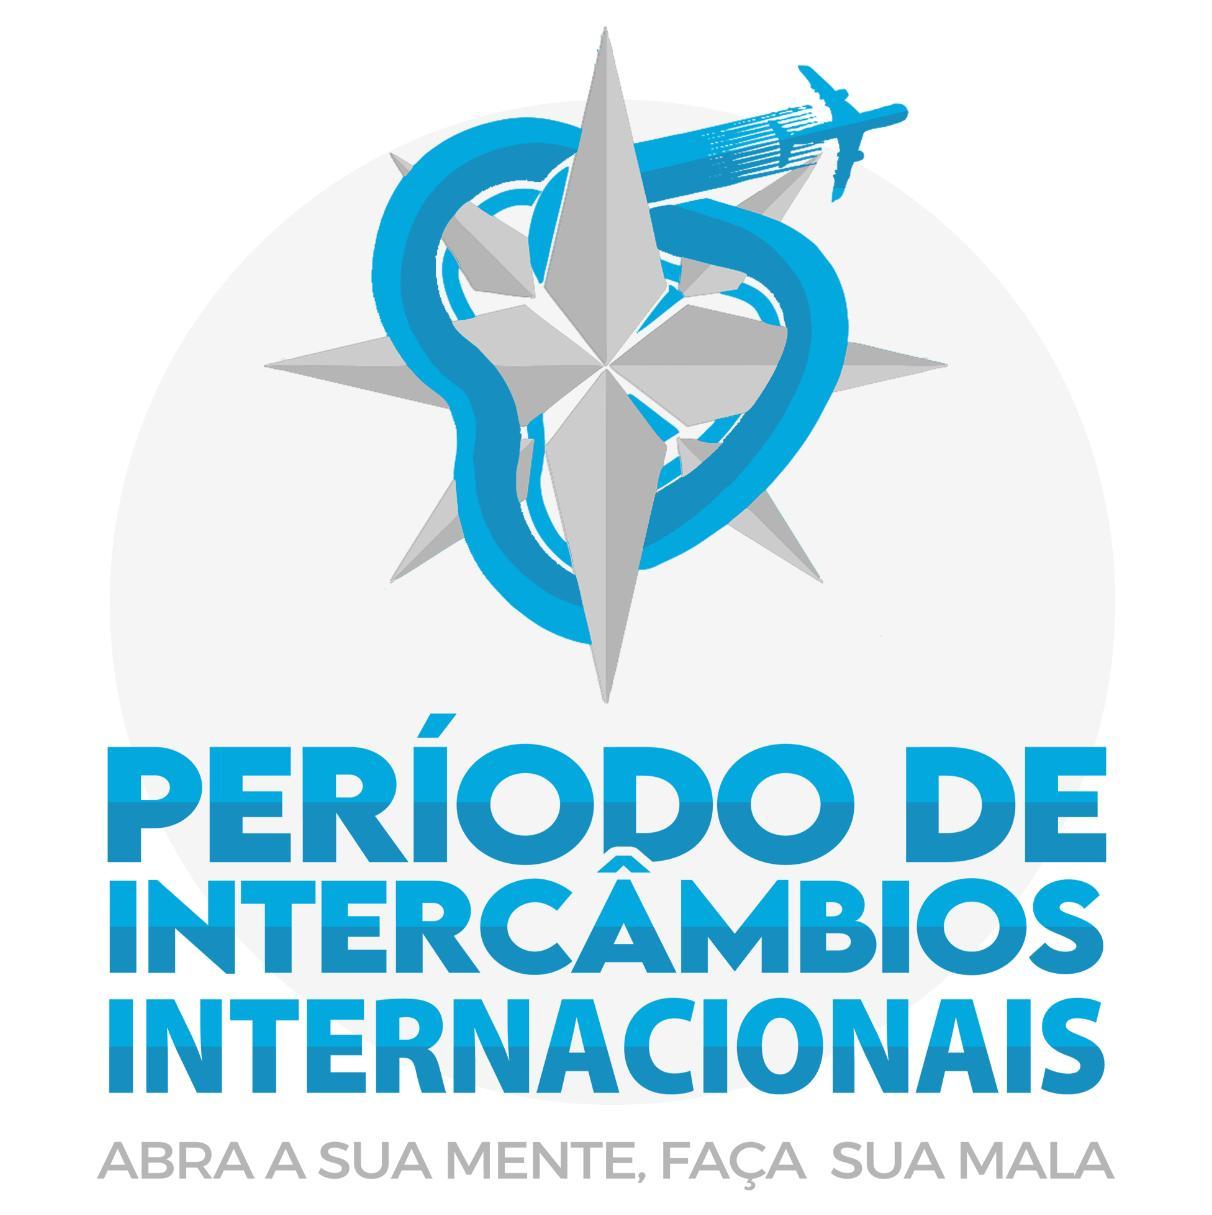 Taxa I - PI 2021/2022 (Caso o outro esteja indisponível)  - CENTRAL DE PAGAMENTOS IFMSA BRAZIL